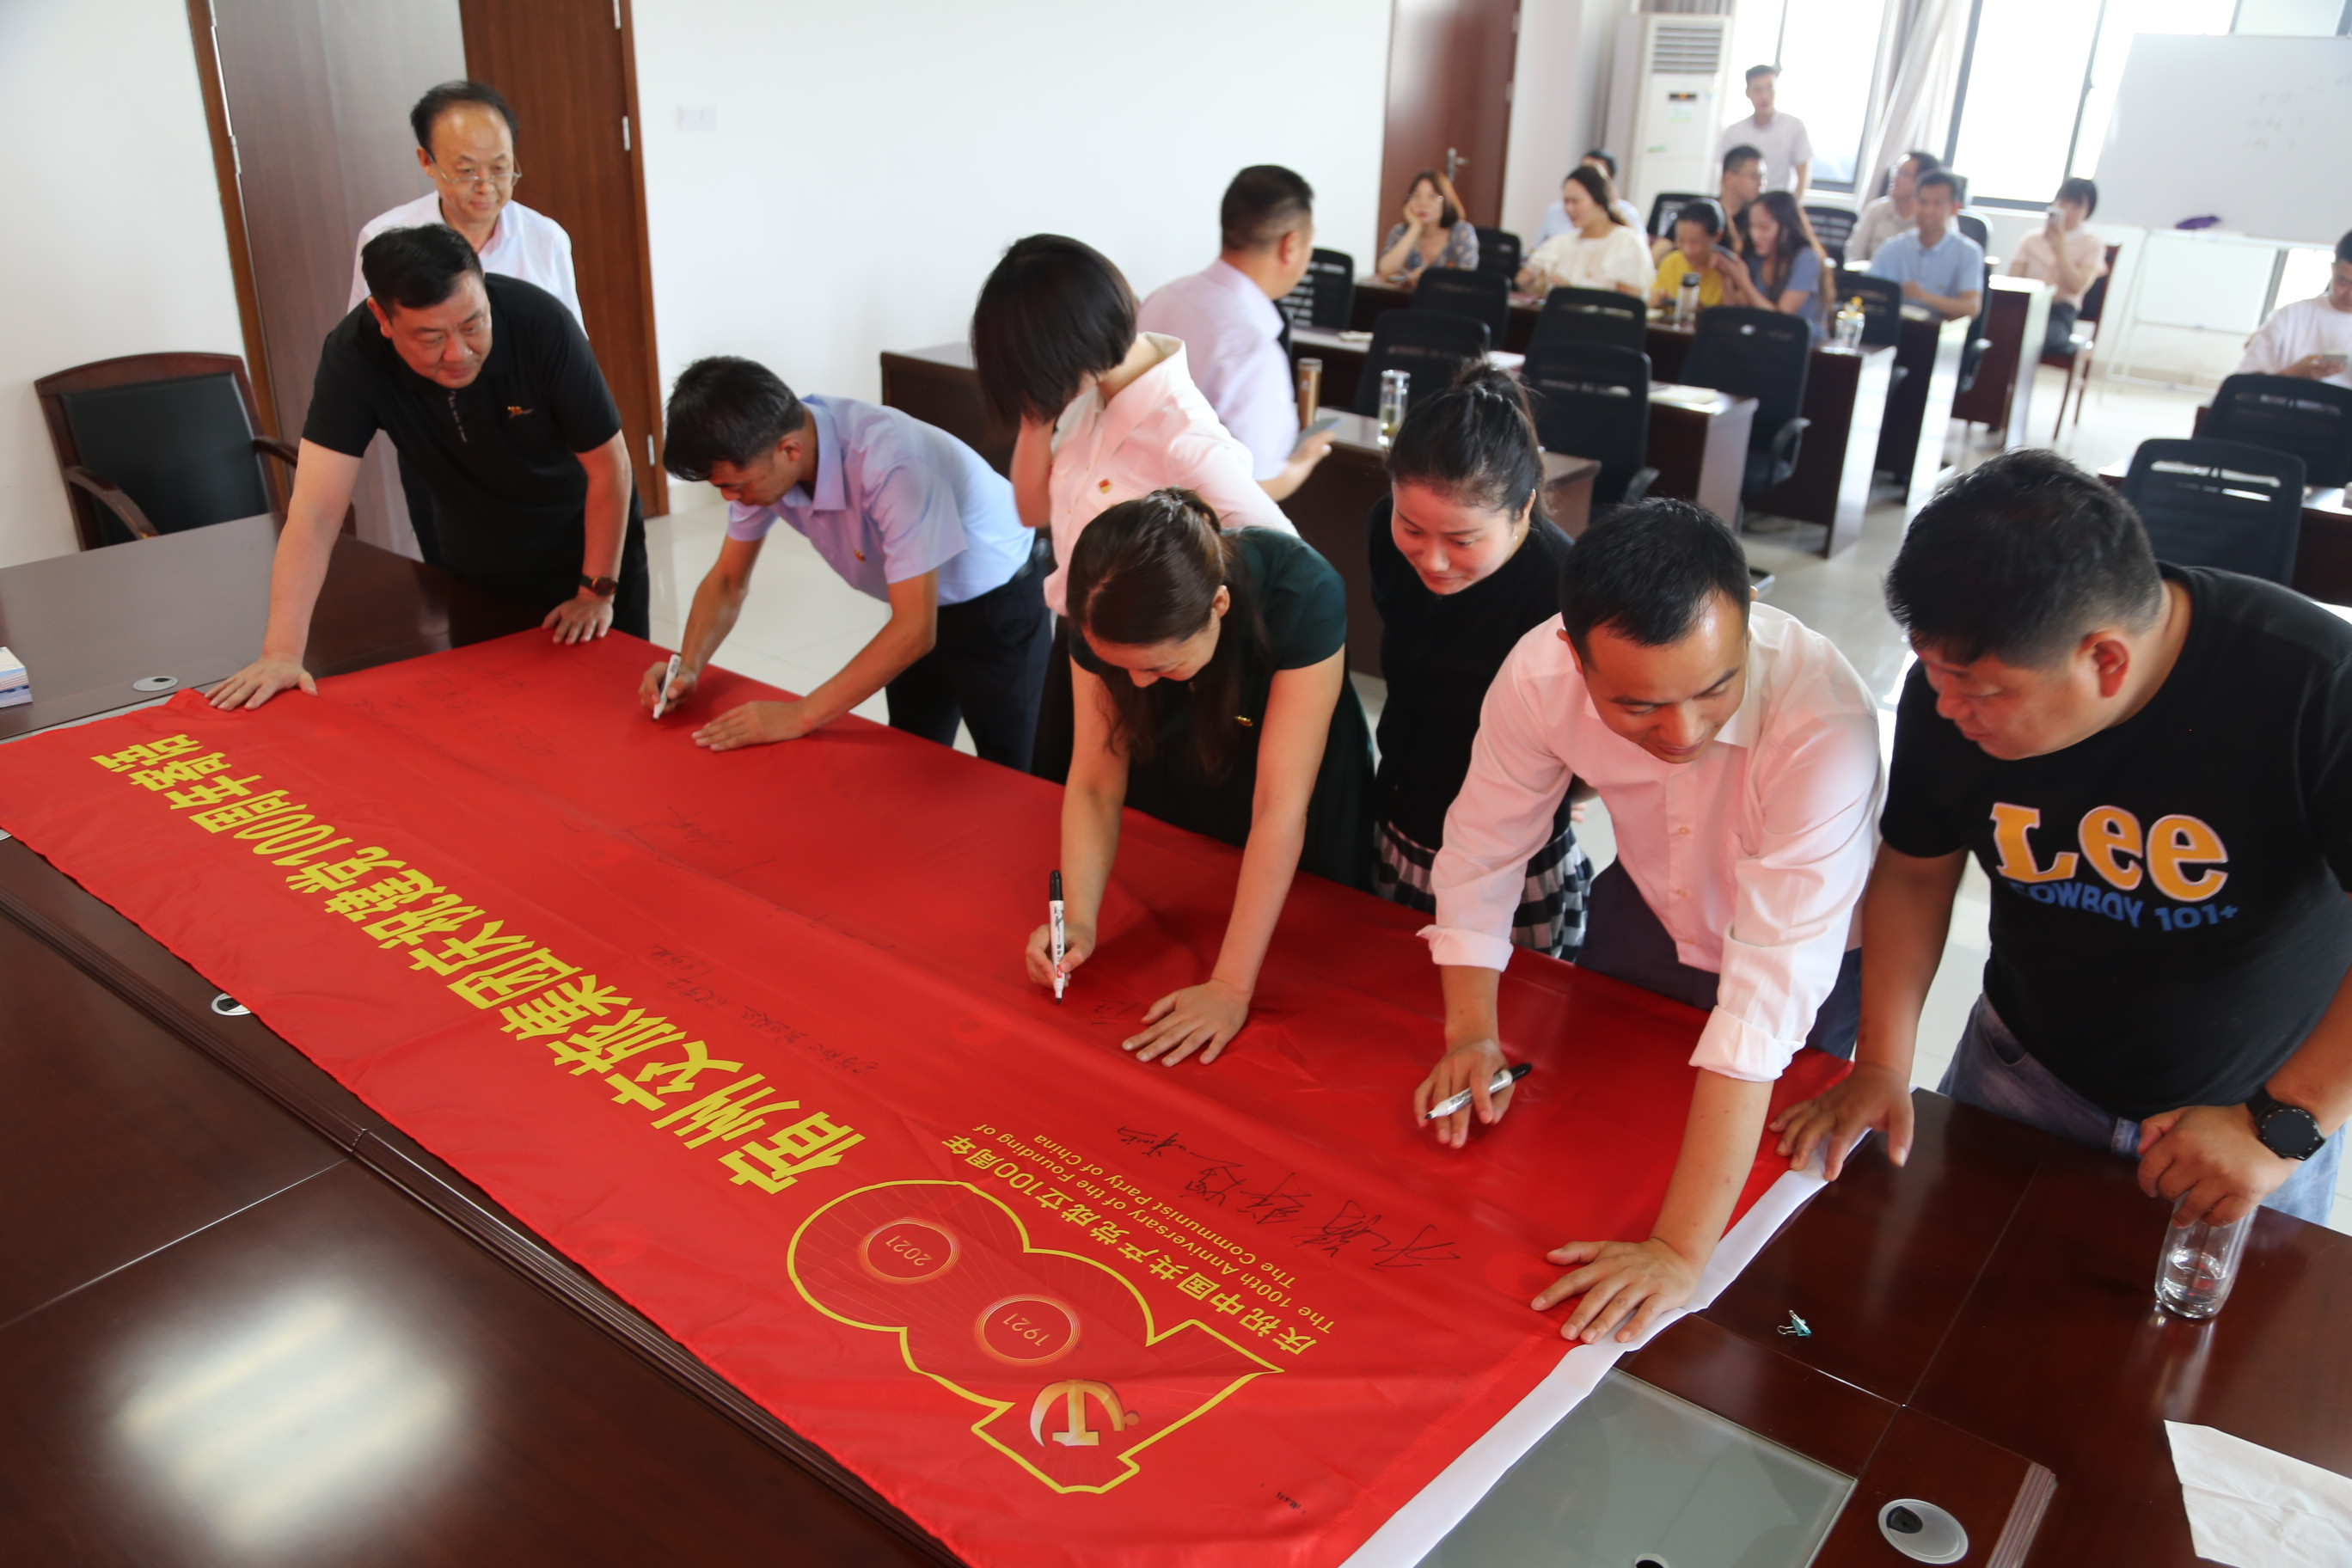 宿州交旅集团开展庆祝建党100周年寄语活动